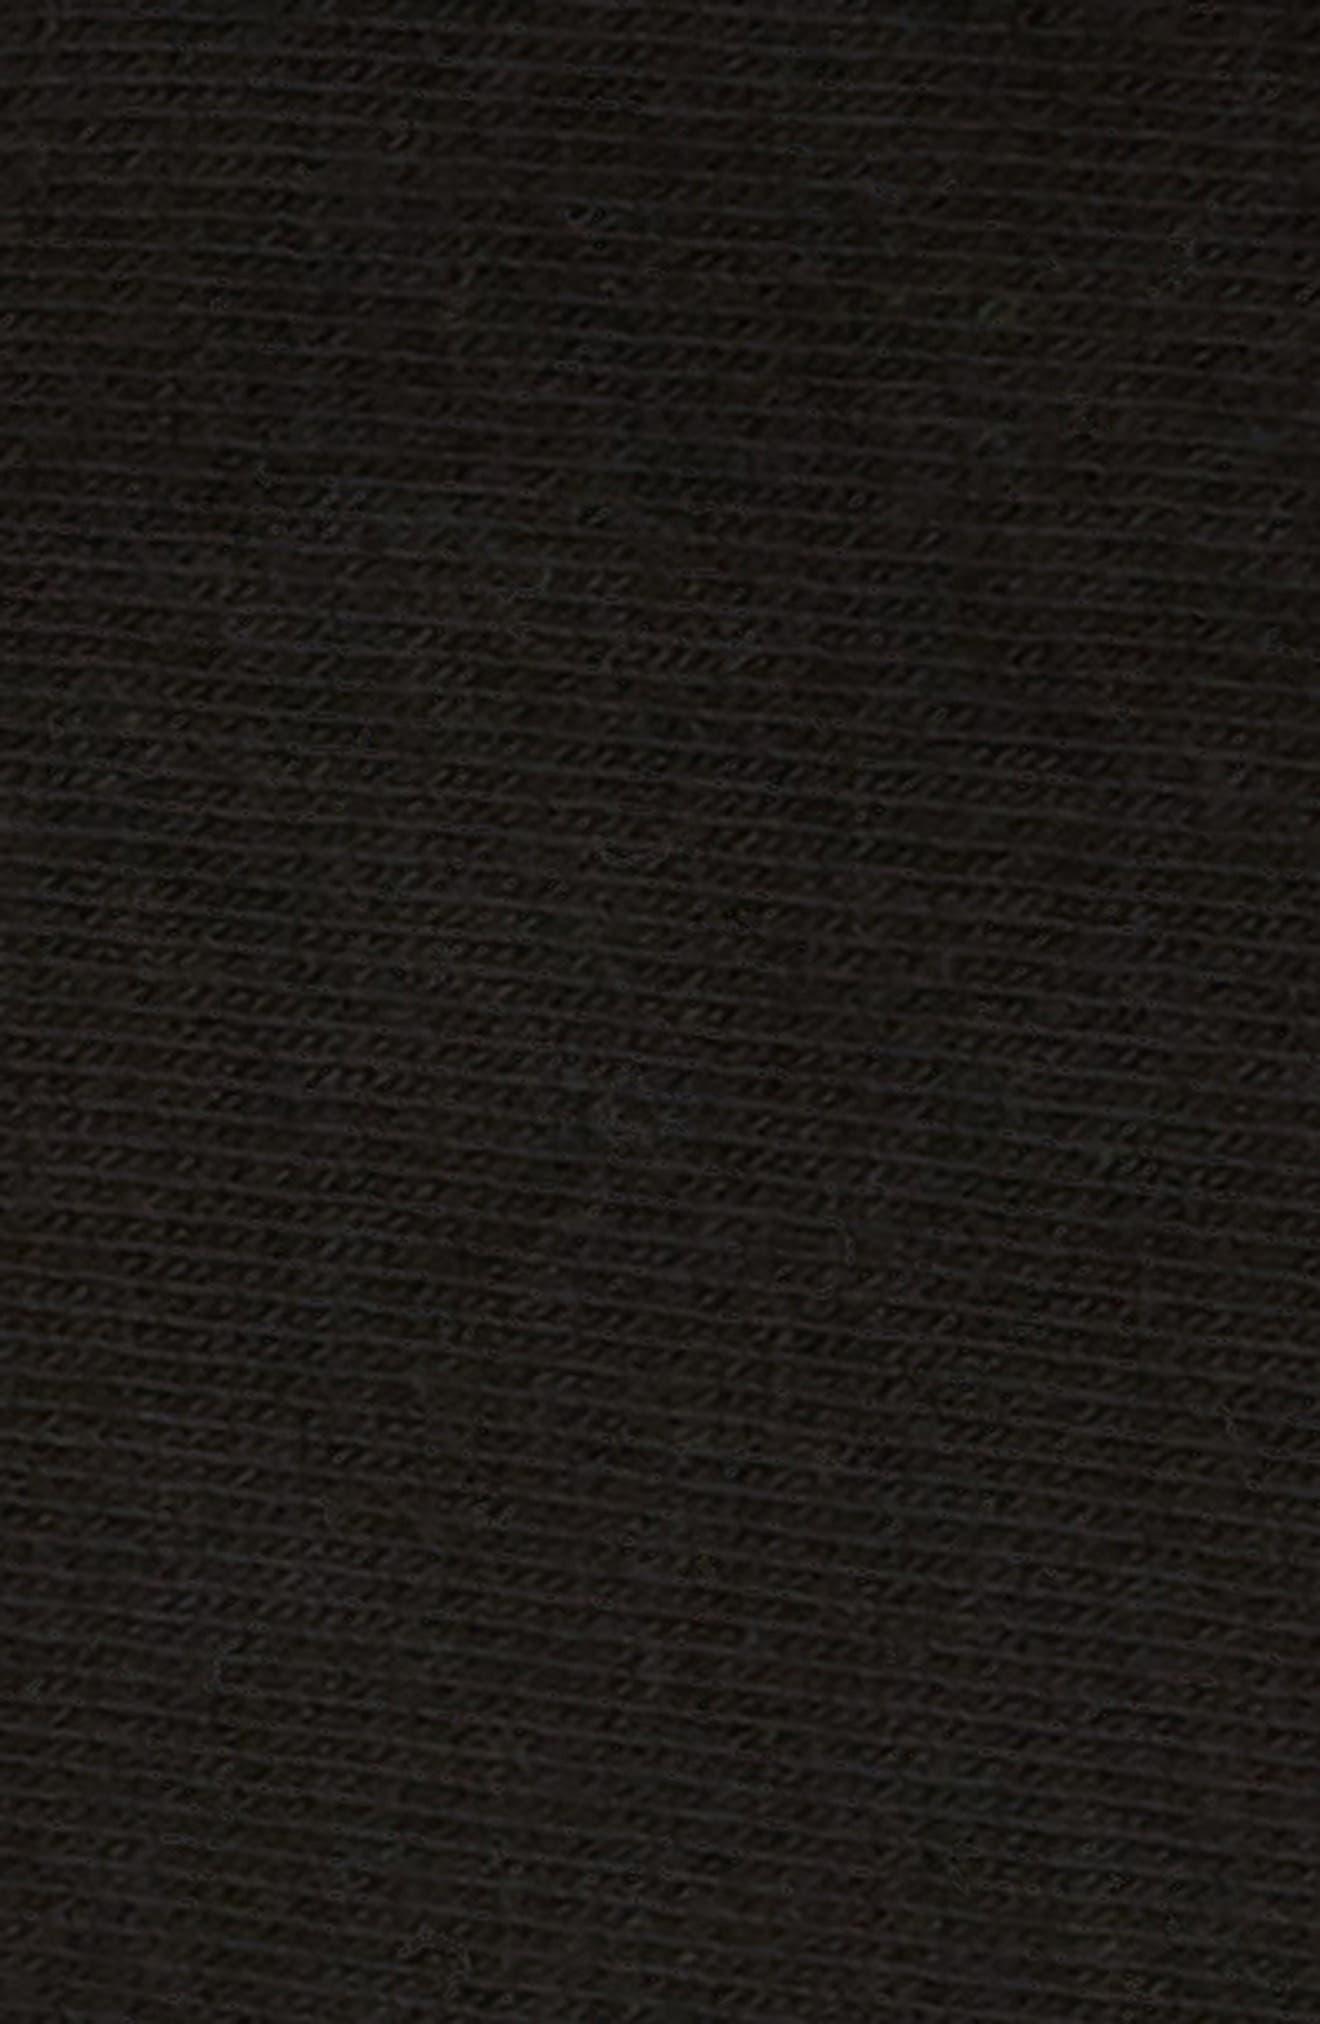 2-Pack Logo Ankle Socks,                             Alternate thumbnail 2, color,                             BLACK